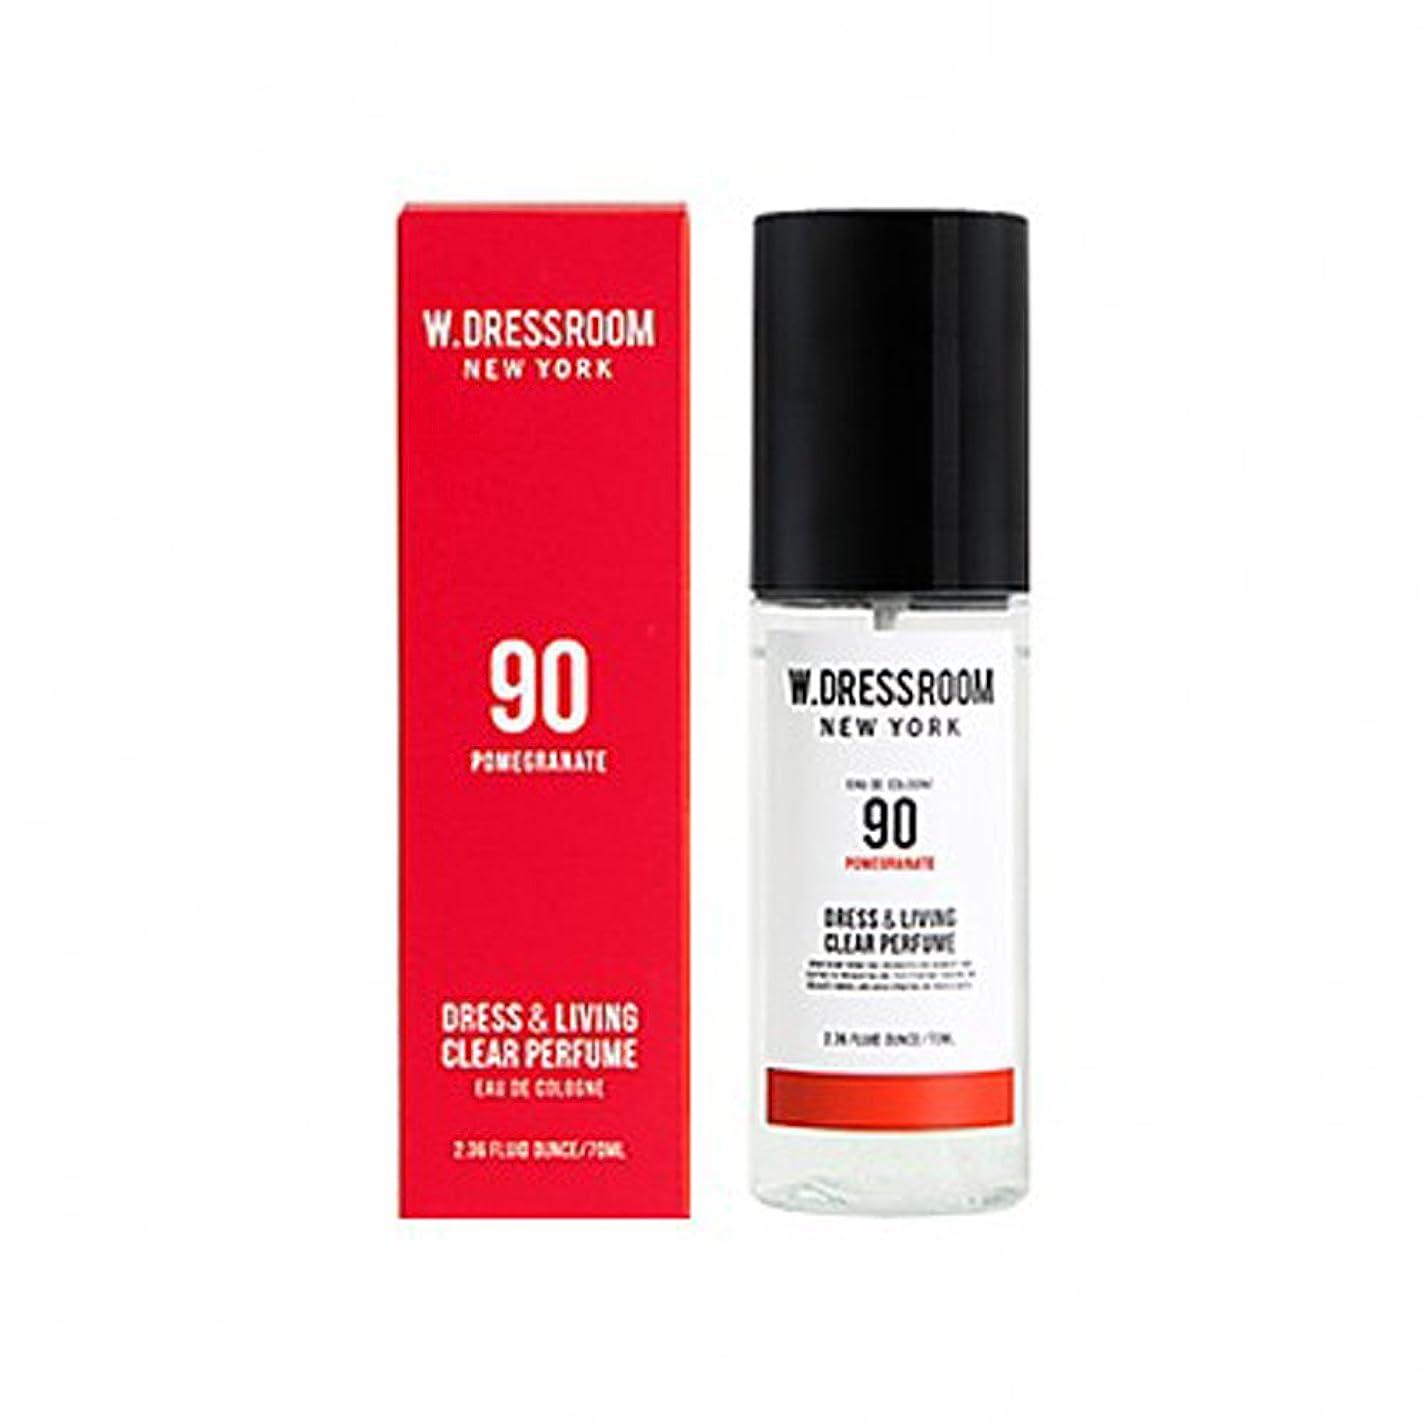 不安定見物人目覚めるW.DRESSROOM Dress & Living Clear Perfume fragrance 70ml (#No.90 Pomegranate)/ダブルドレスルーム ドレス&リビング クリア パフューム 70ml (#No.90 Pomegranate)